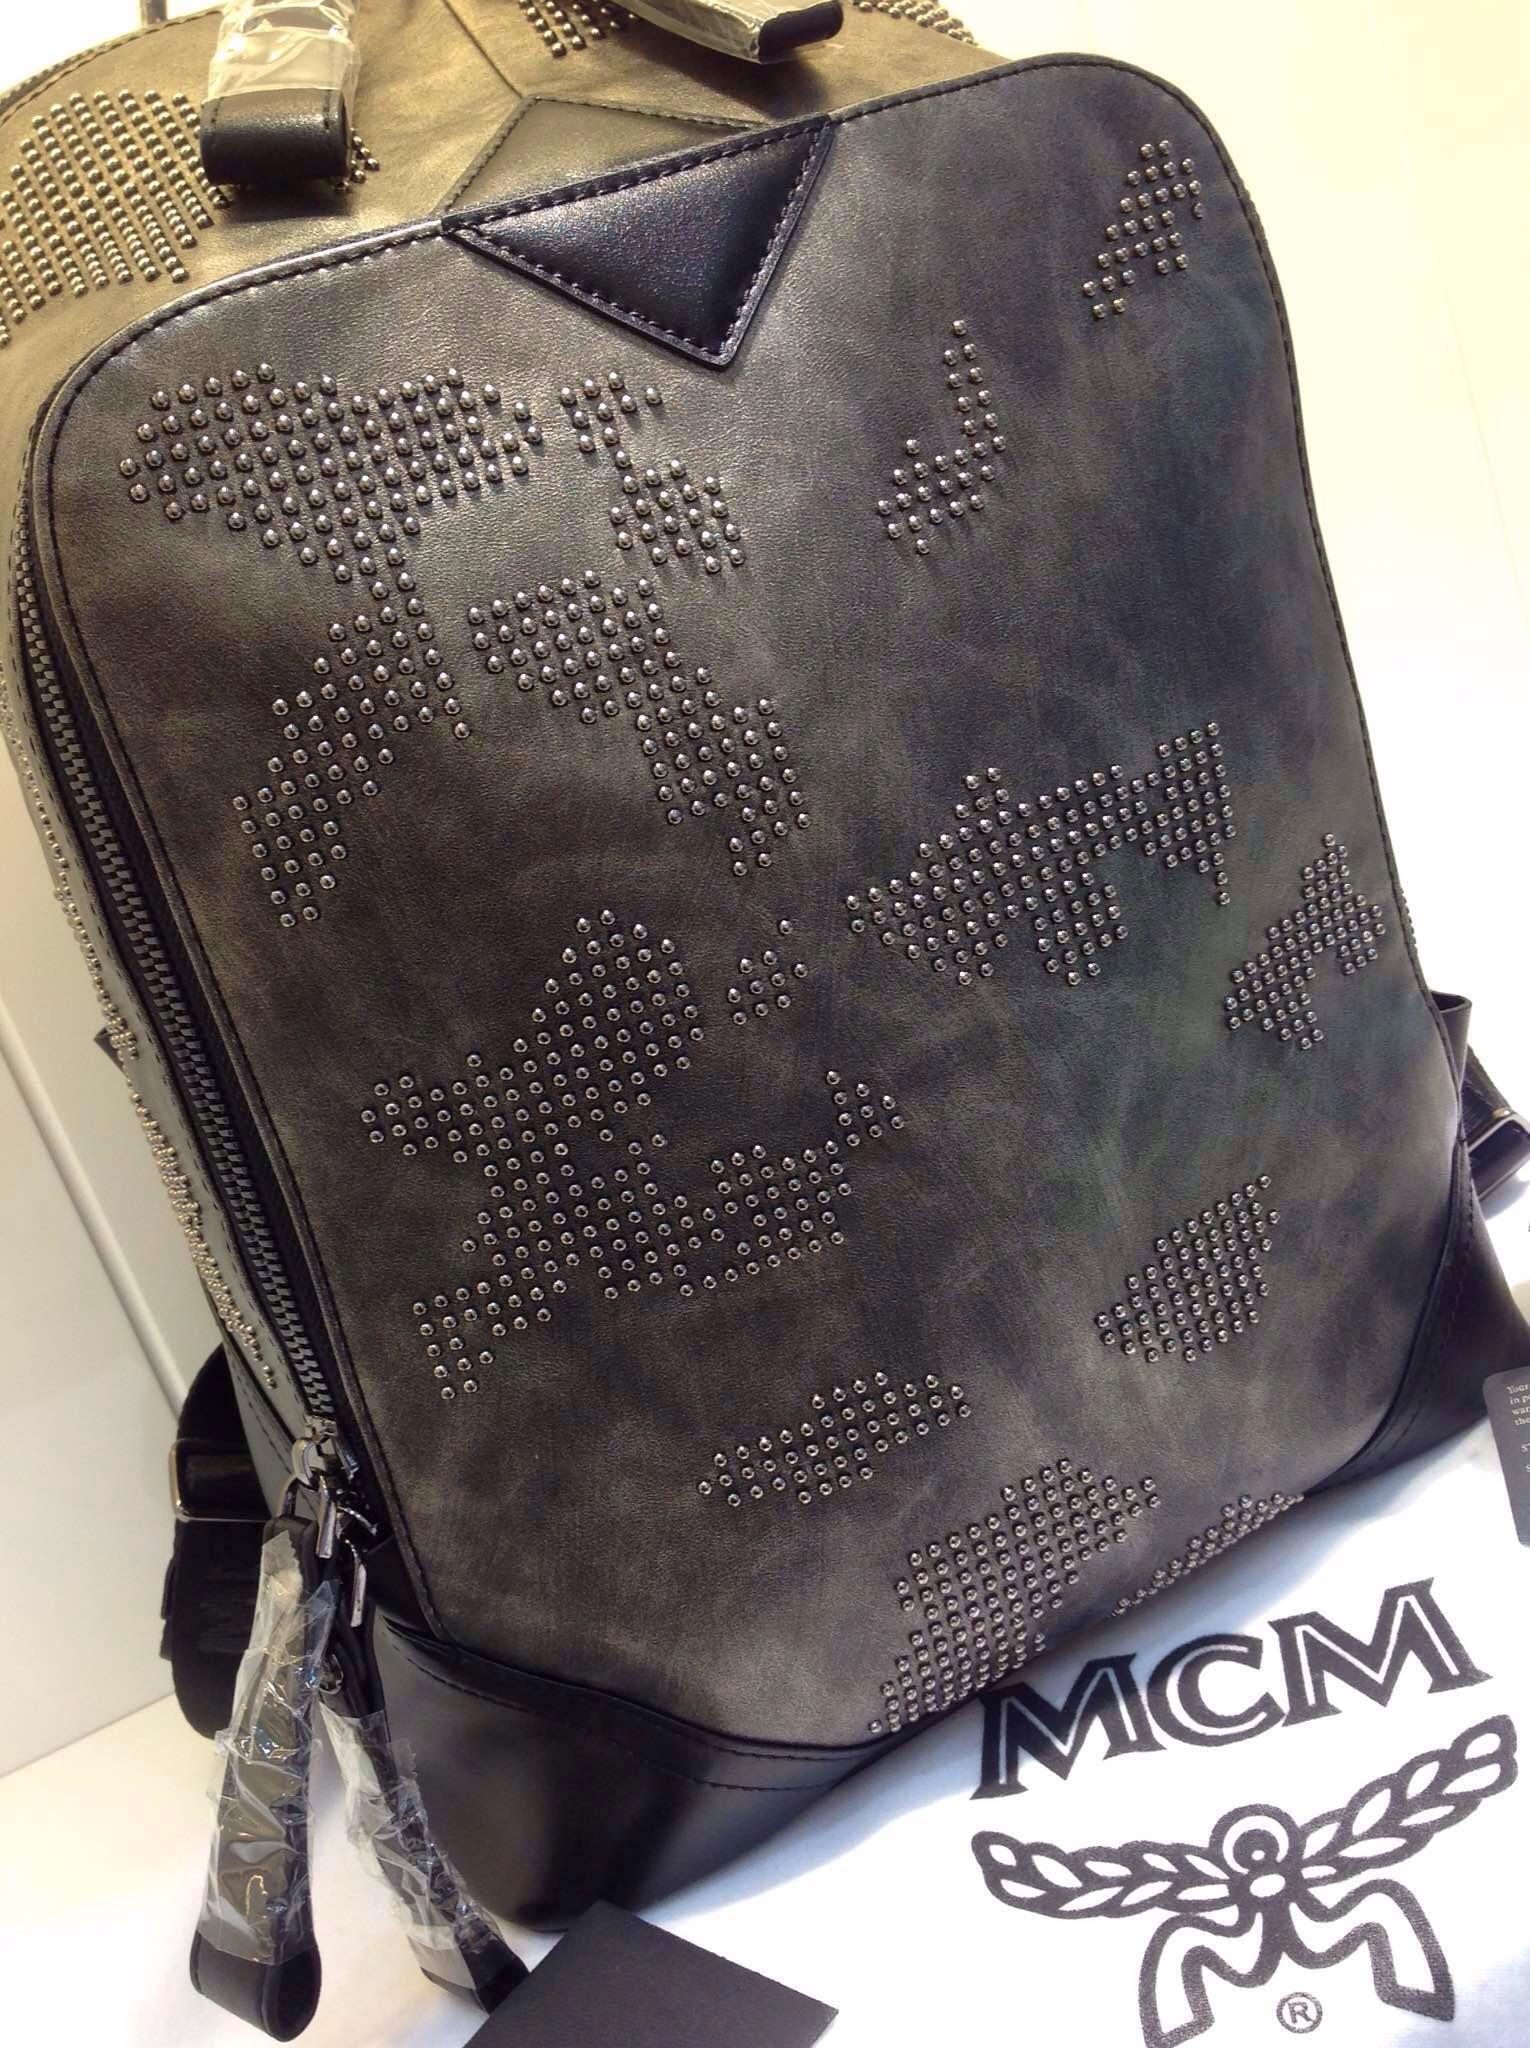 2015年新款 MCM春季新款 小园钉拼图款 中号双肩包